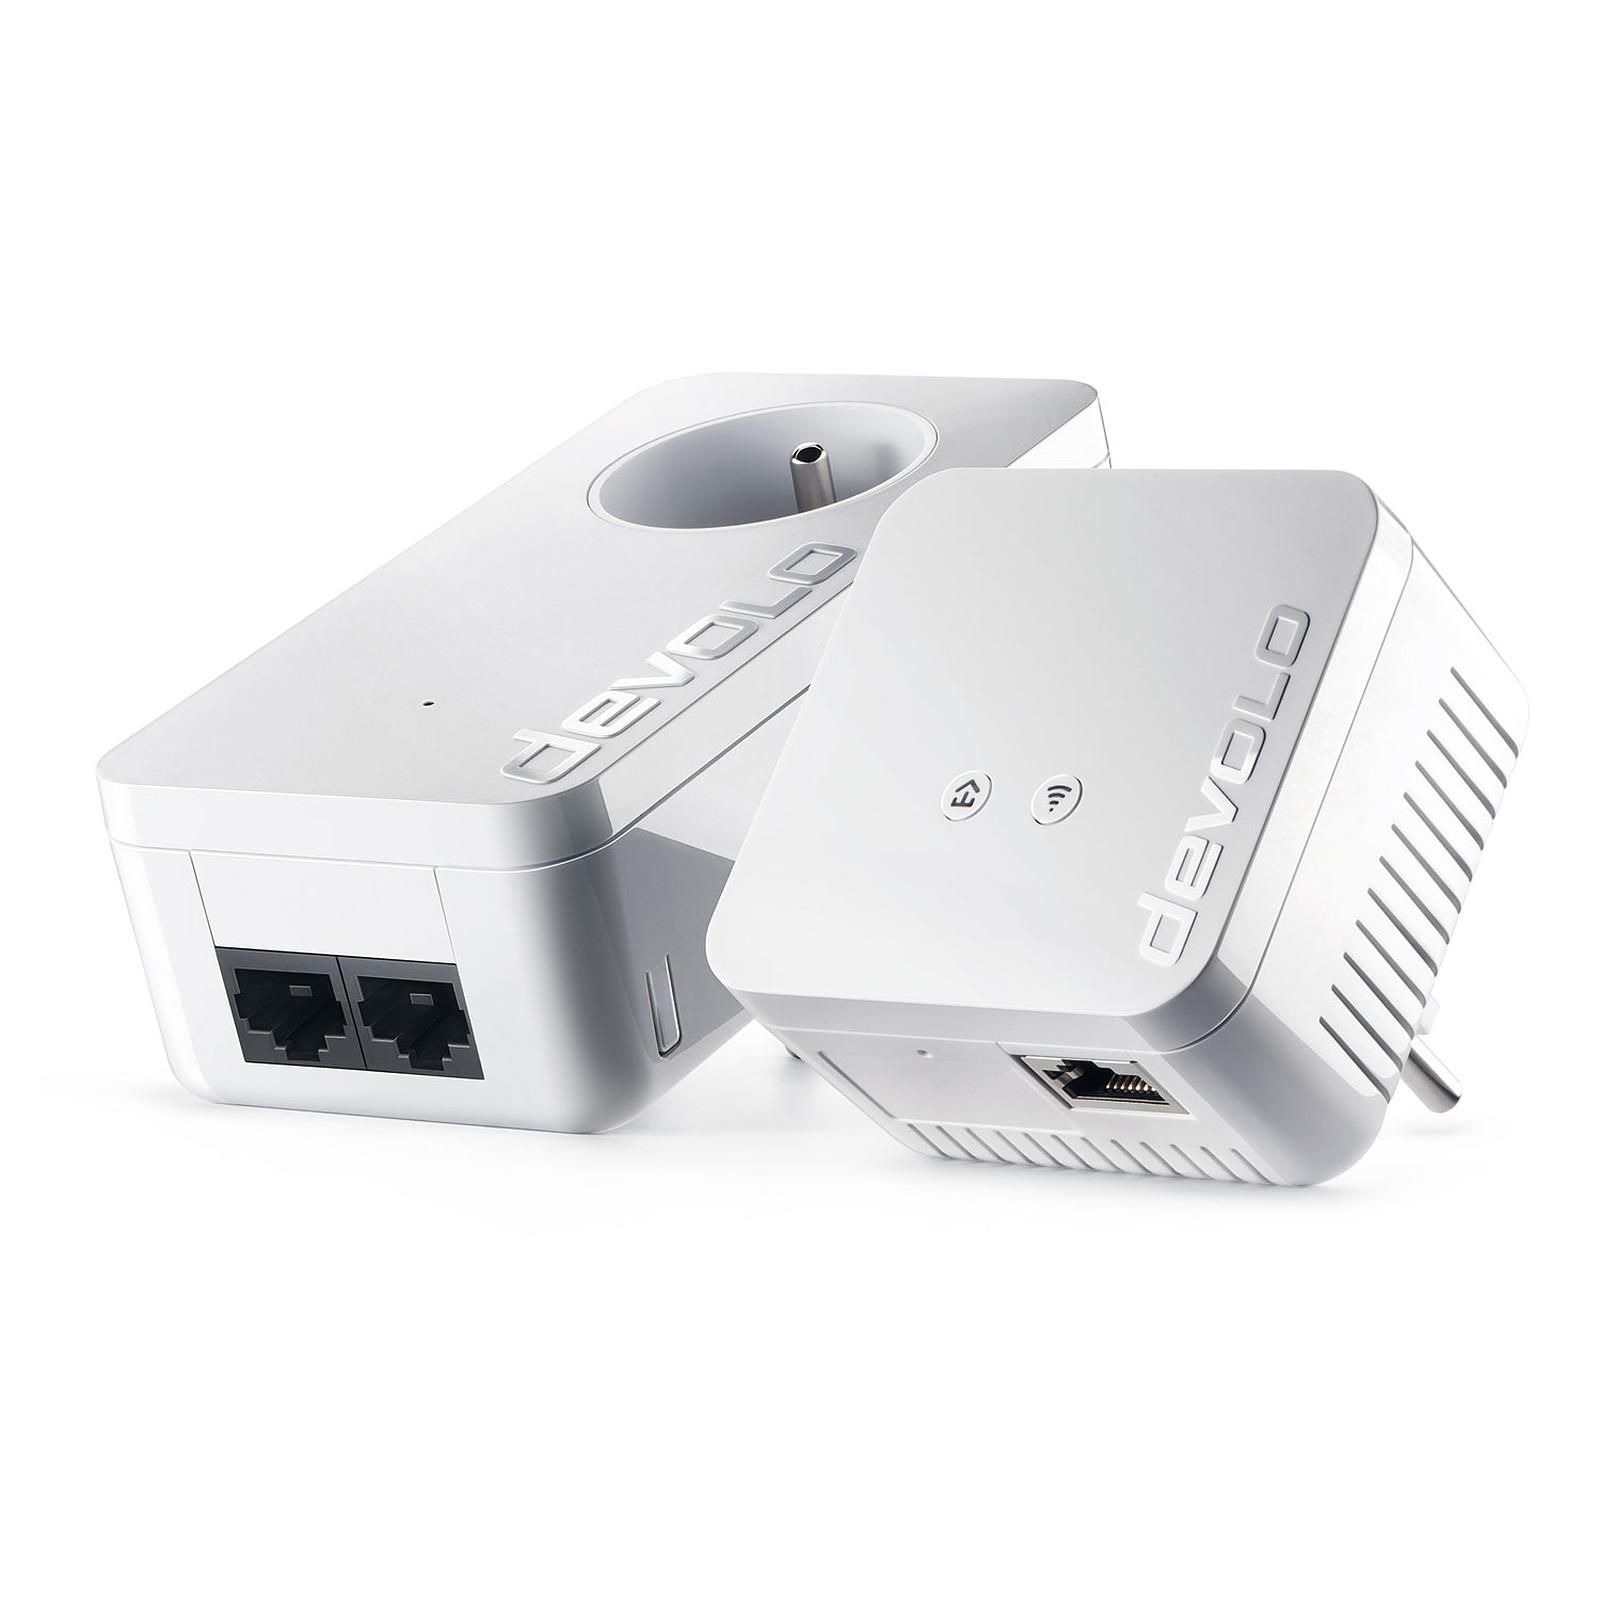 Devolo dLAN 550 Wi-Fi Starter Kit